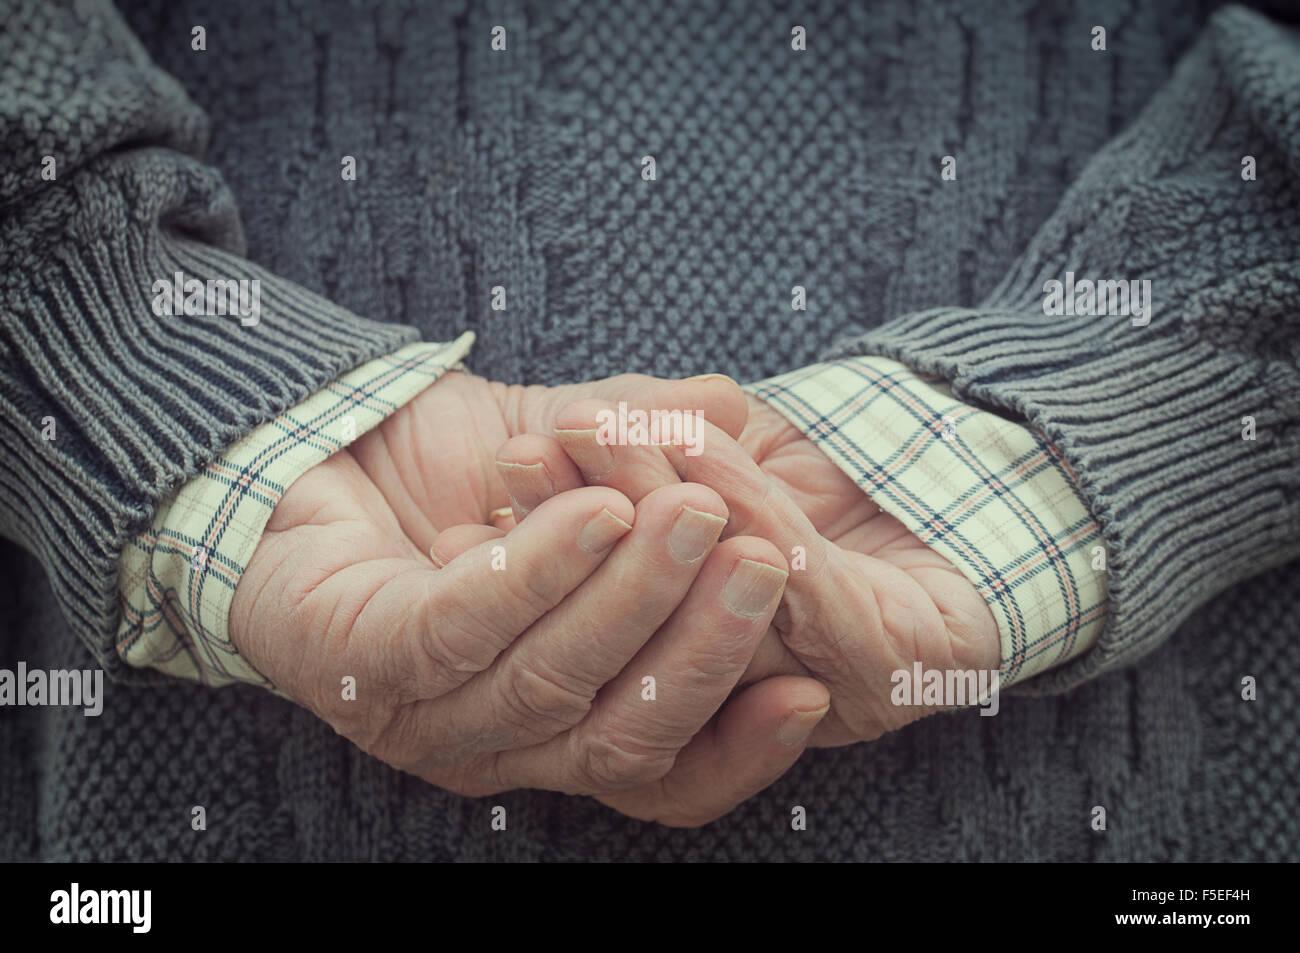 Rückansicht eines Mannes Hand in Hand hinter seinem Rücken Stockbild